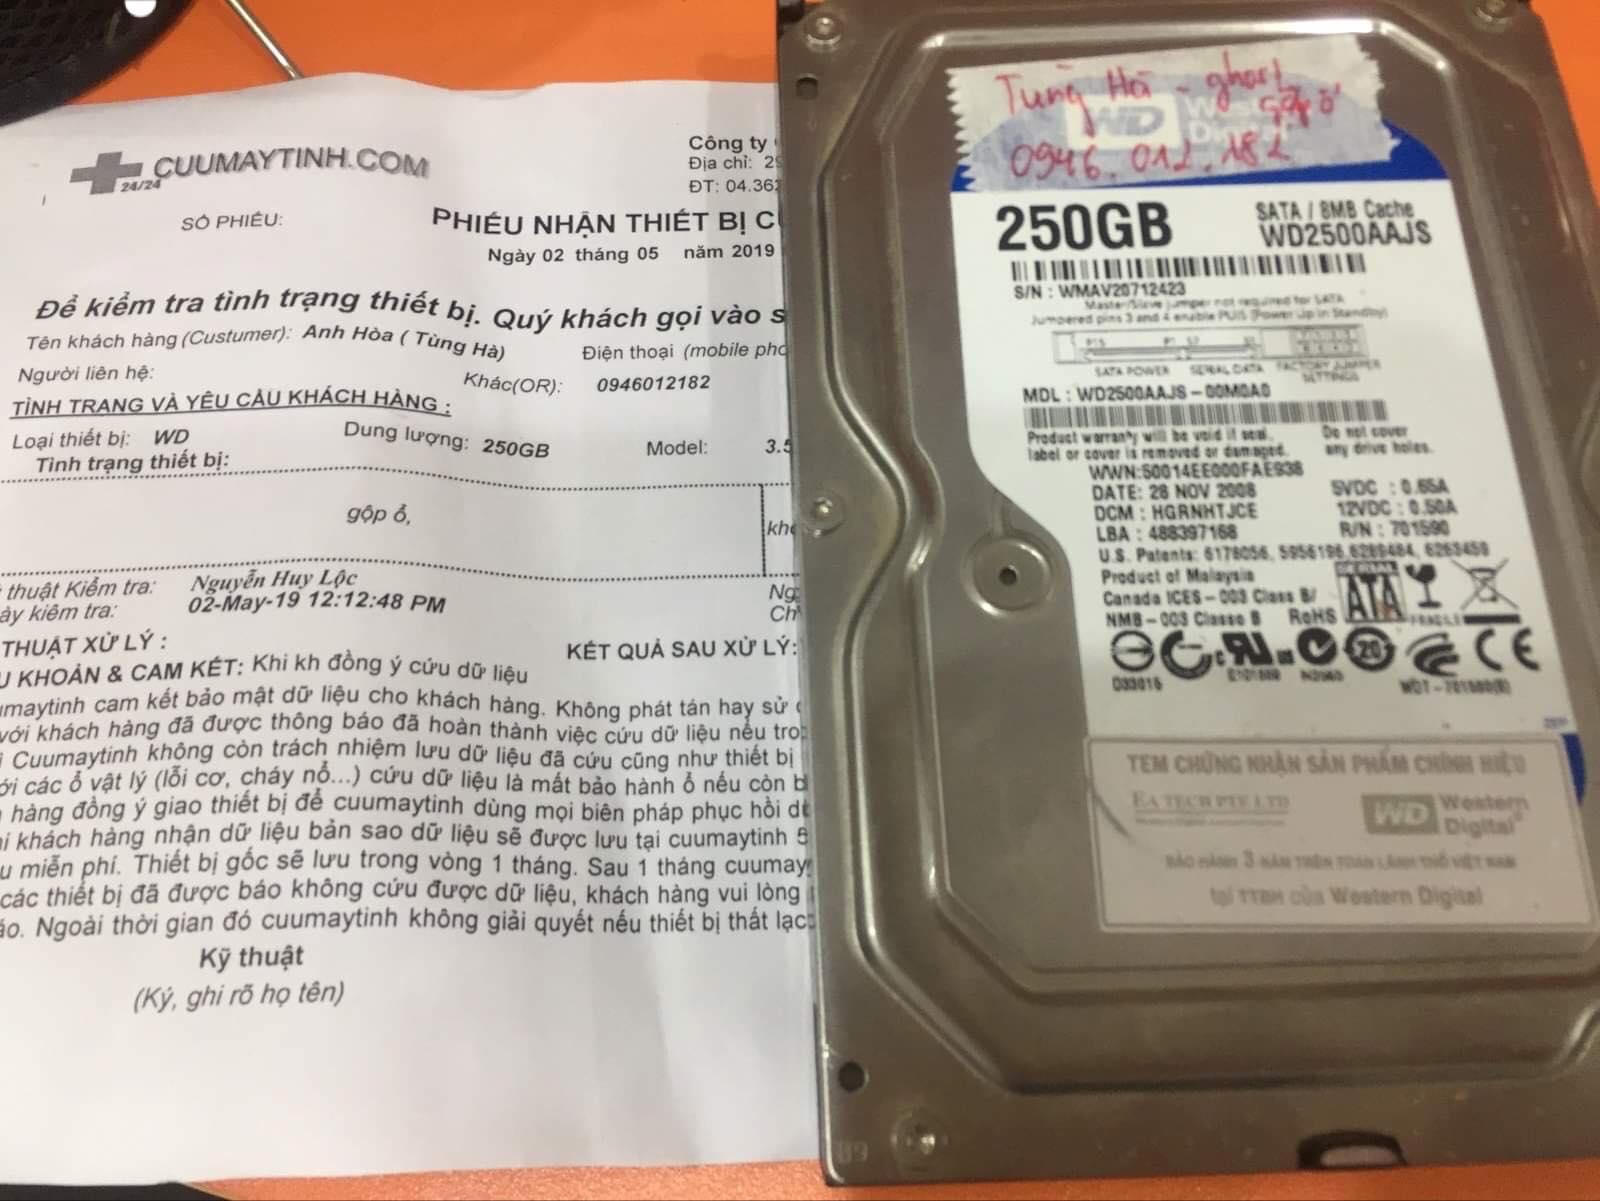 Lấy dữ liệu ổ cứng Western 250GB gộp ổ 02/05/2019 - cuumaytinh